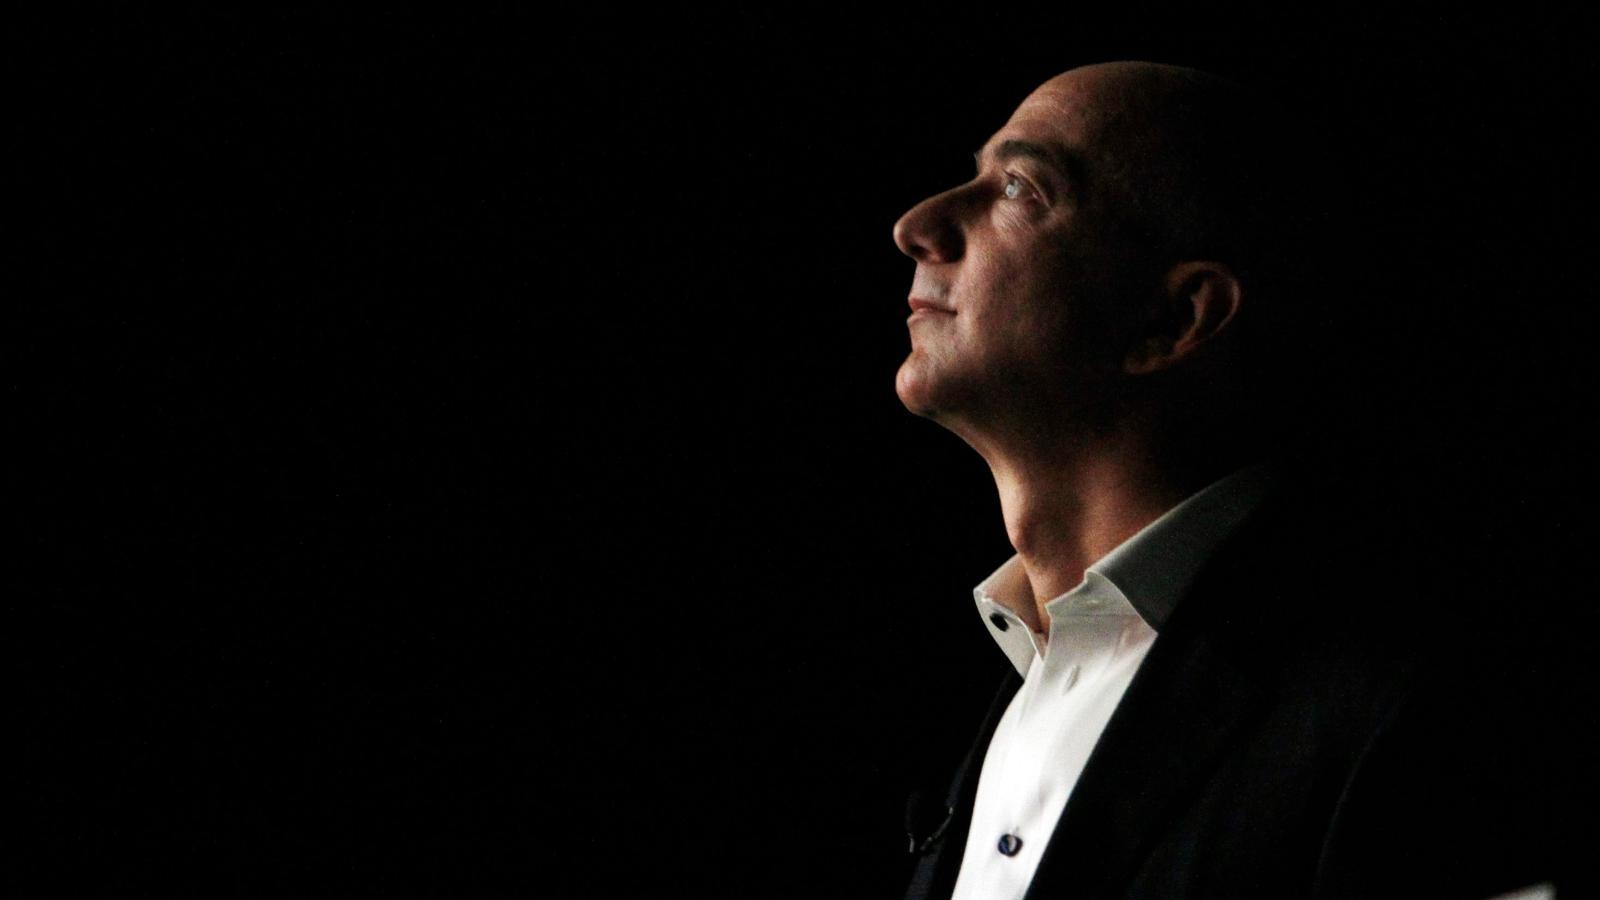 Jeff Bezos se despede de funcionários da Amazon com e-mail.